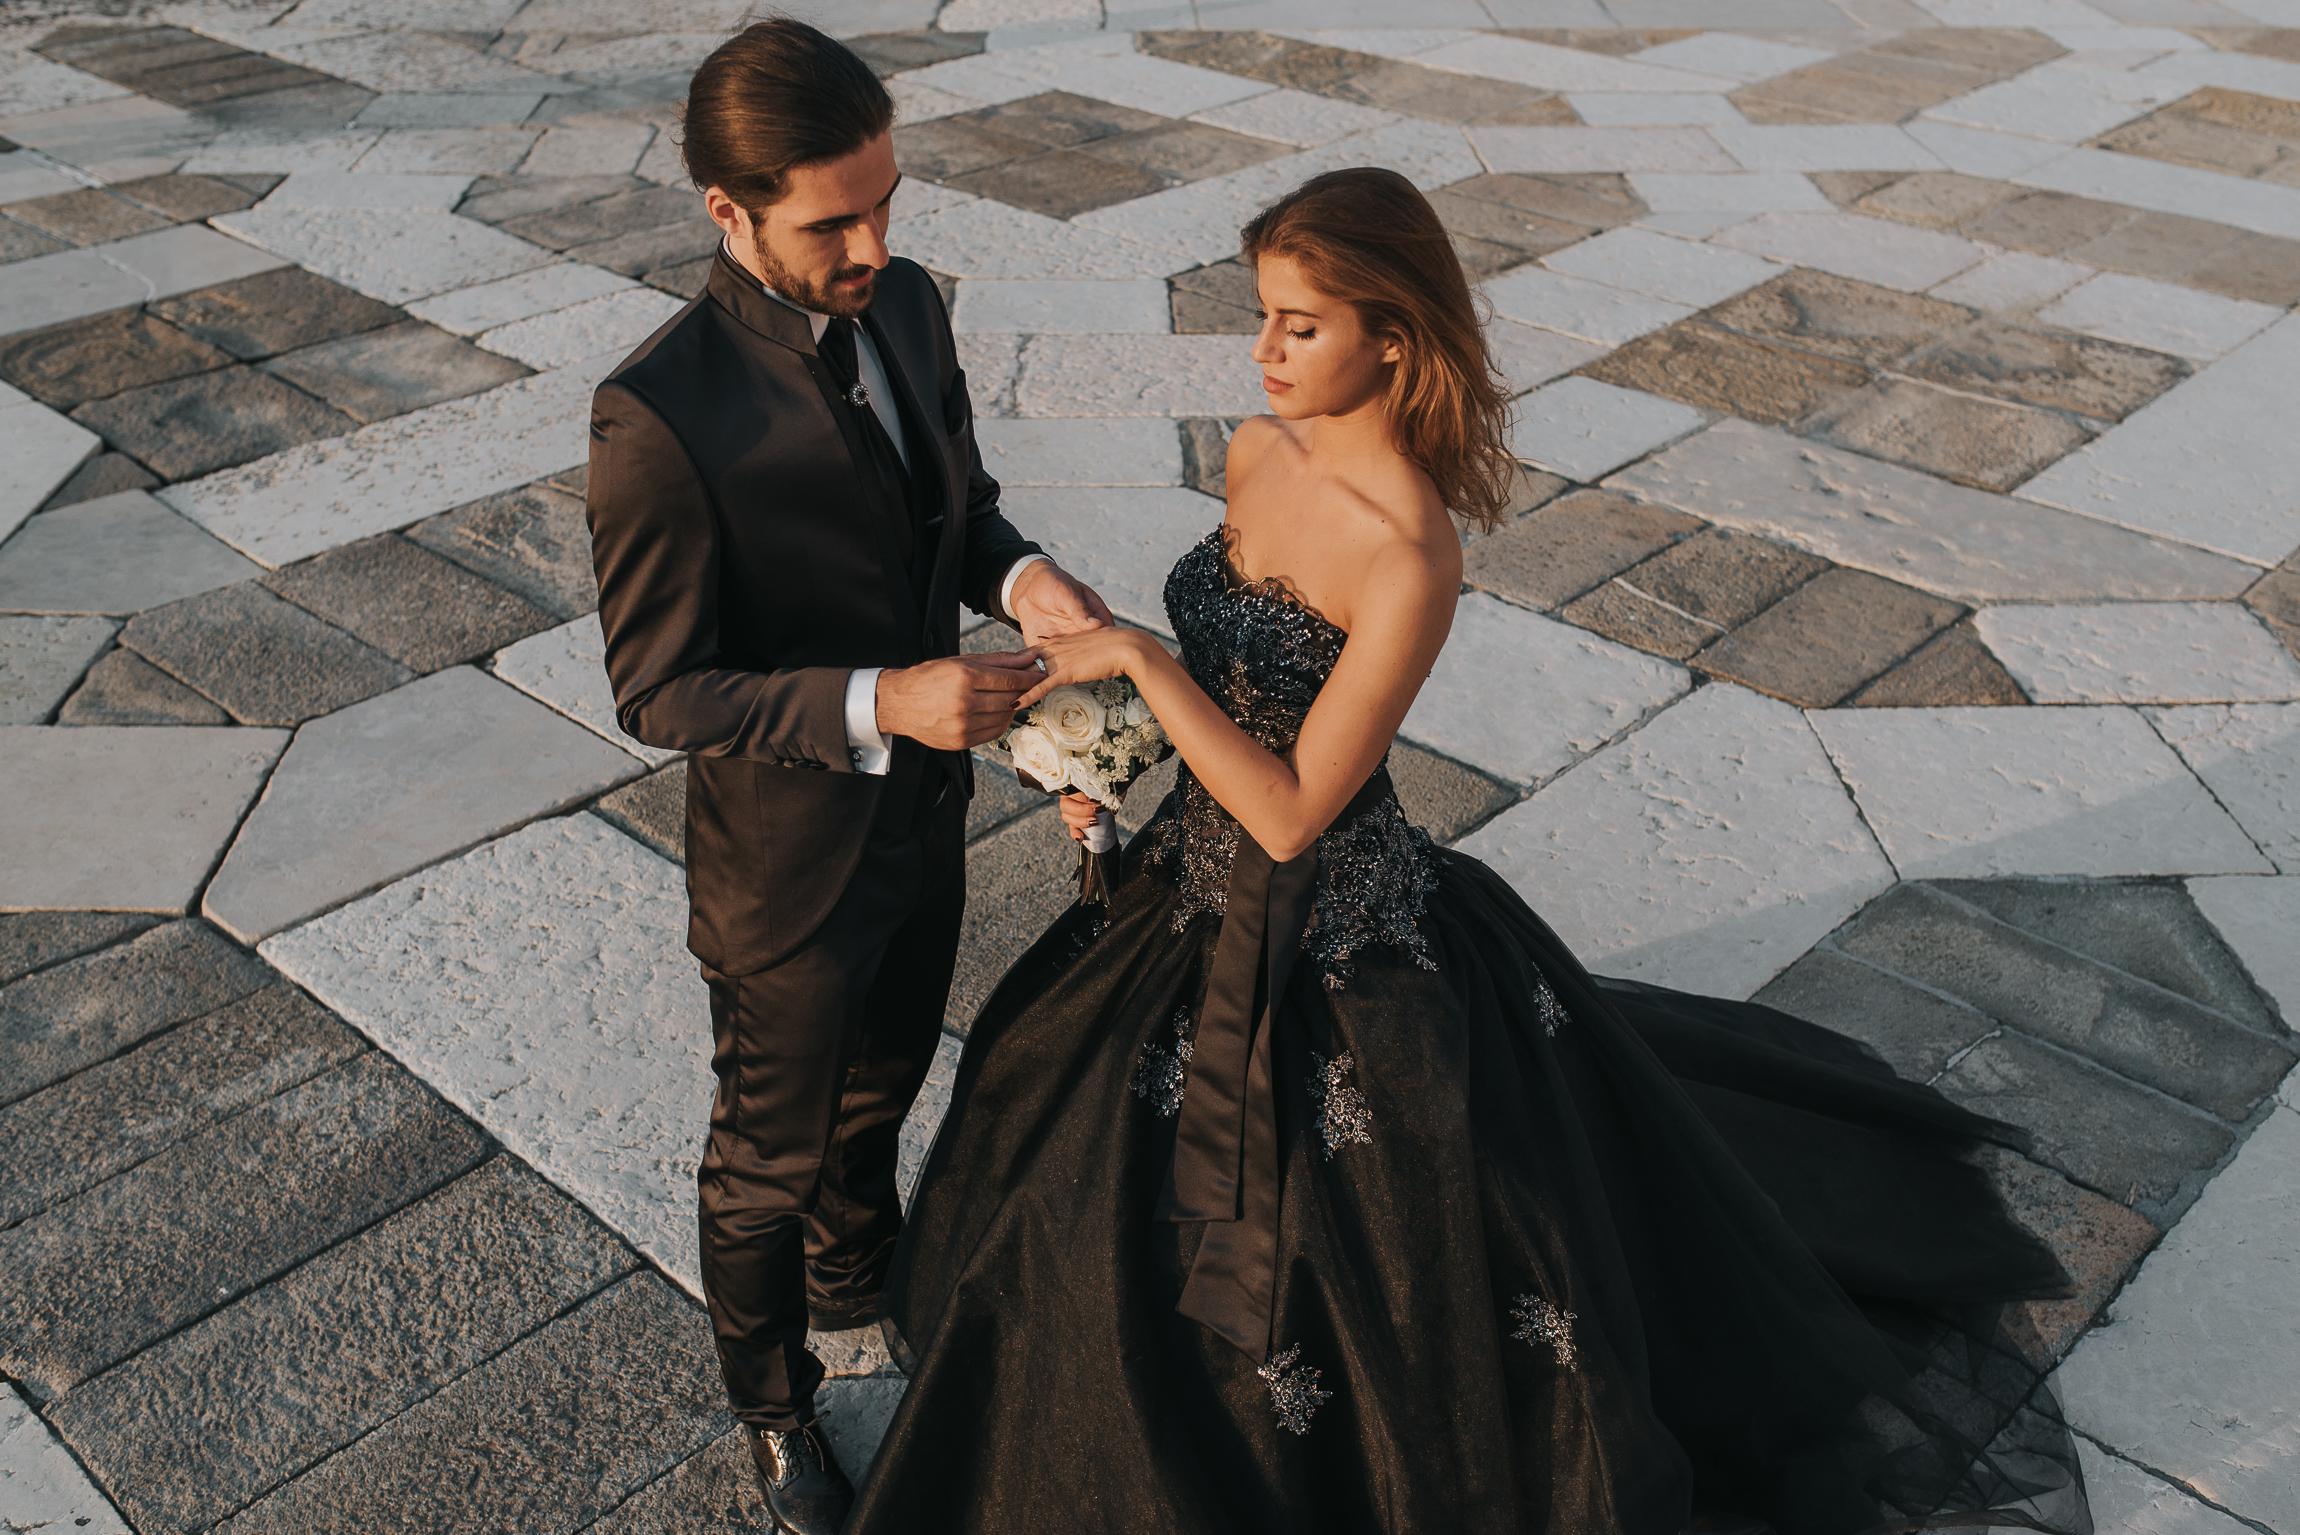 Servizio di coppia a Venezia. Serena & David. Il Blog di Michelino Studio, Fotografo di matrimonio in Veneto. Serena-David-25.jpg